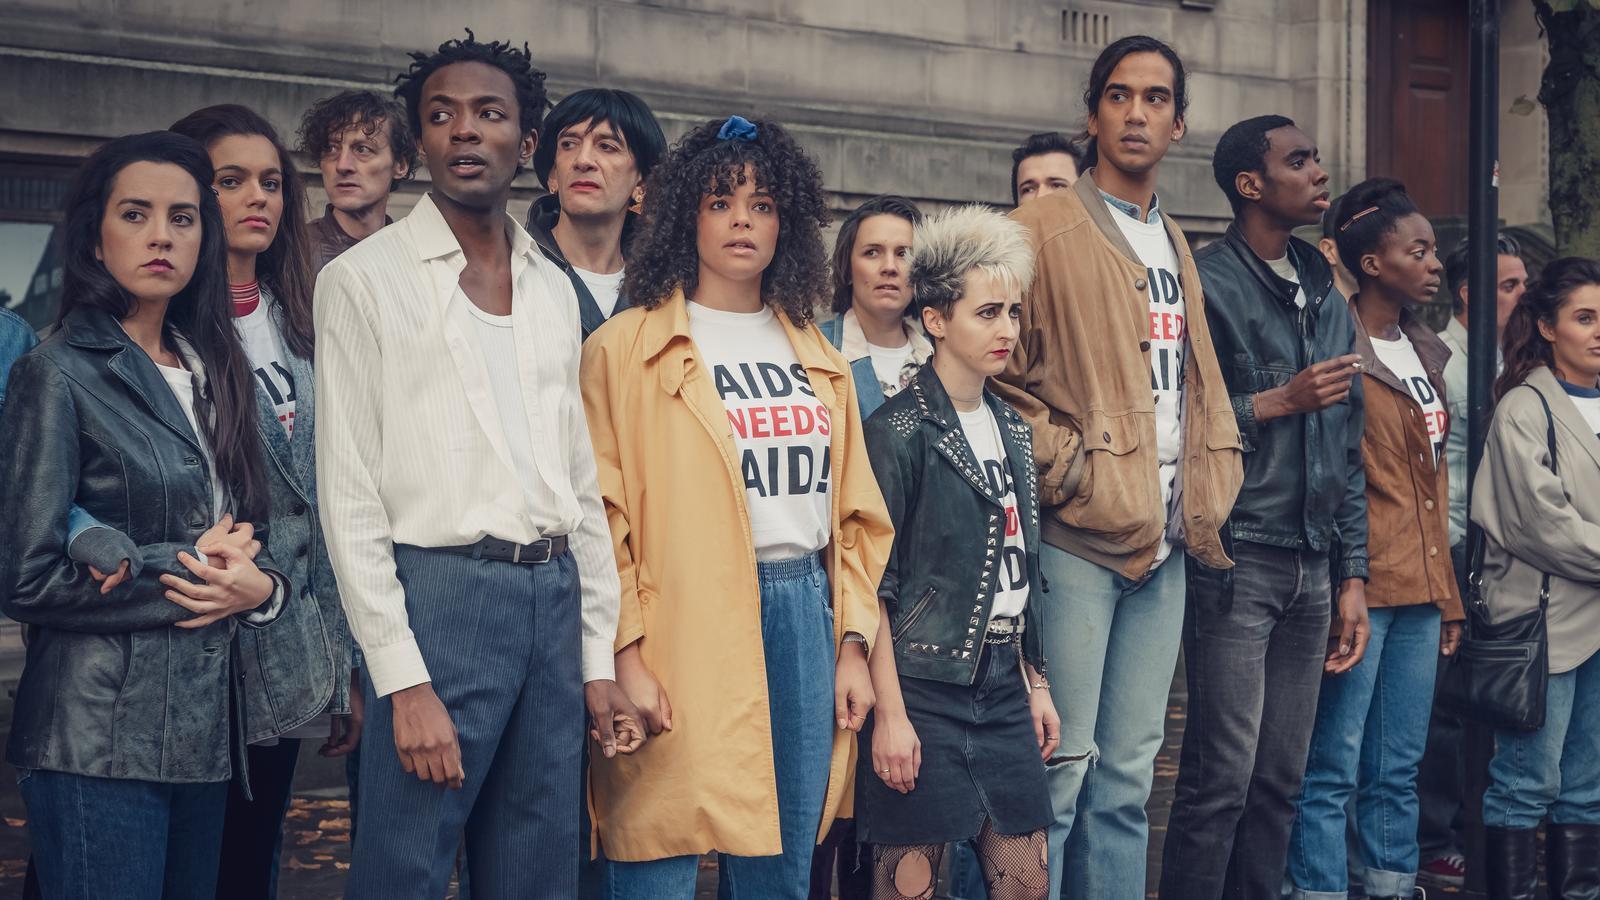 'It's a sin' recorda l'explosió de la sida al Londres dels anys 80